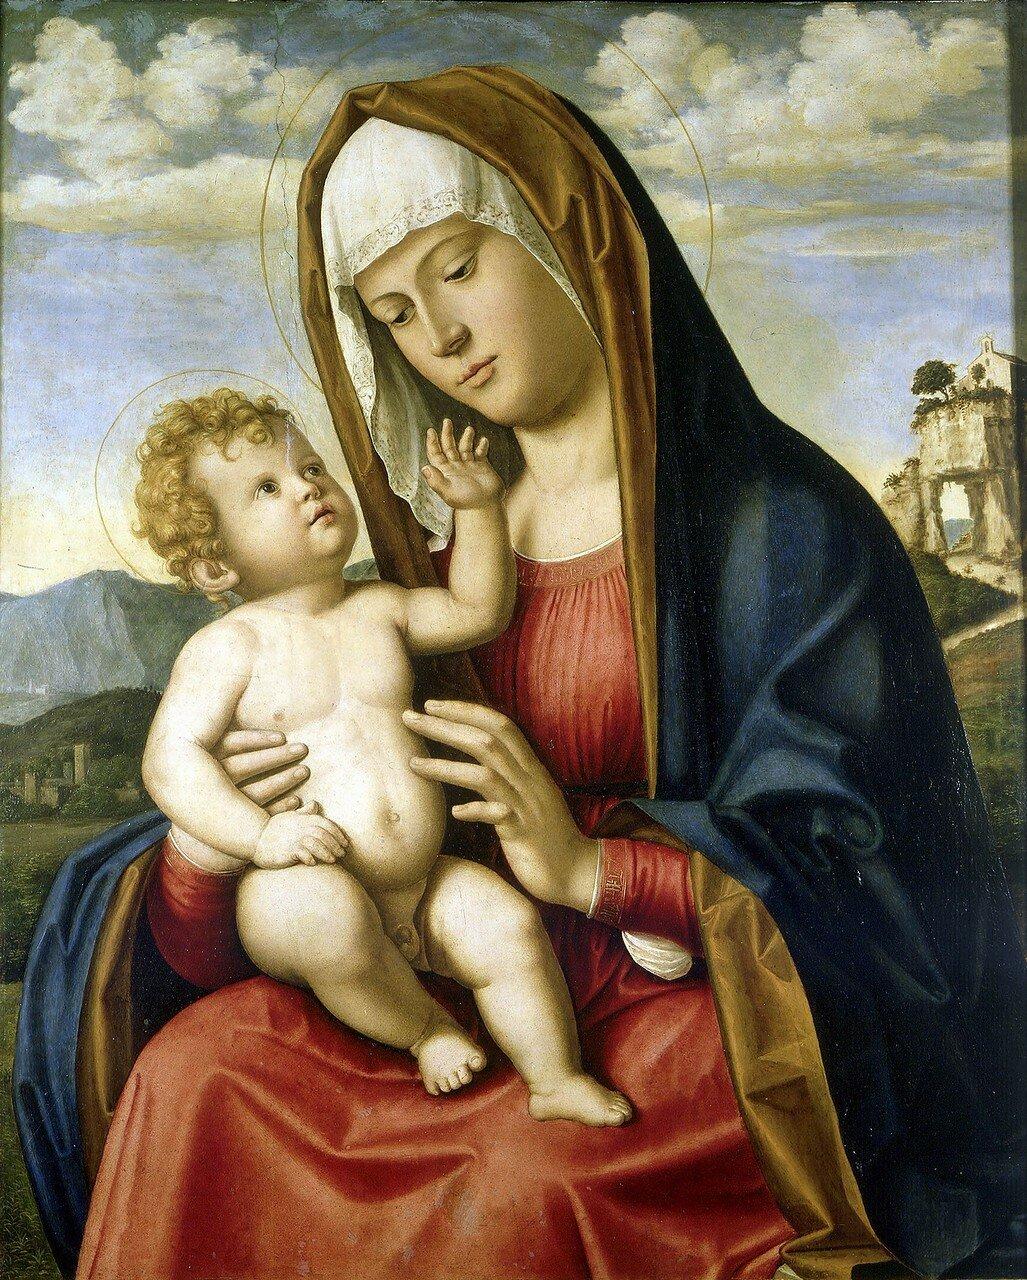 Cima_da_conegliano,_madonna_col_bambino,_1500-1504_ca._02.JPG